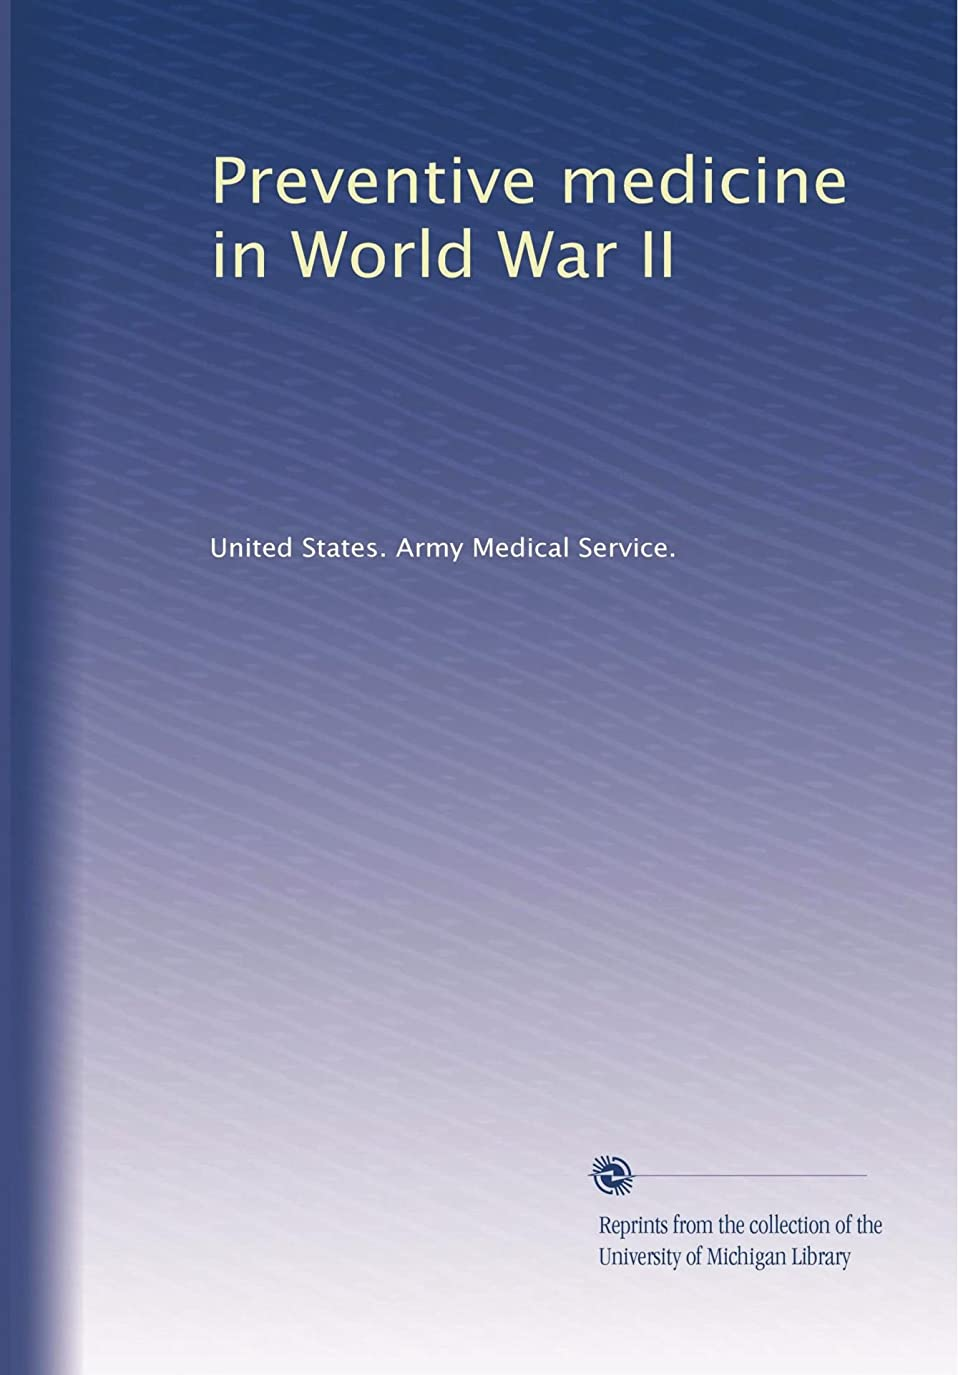 青ポスト印象派本当のことを言うとPreventive medicine in World War II (Vol.4)